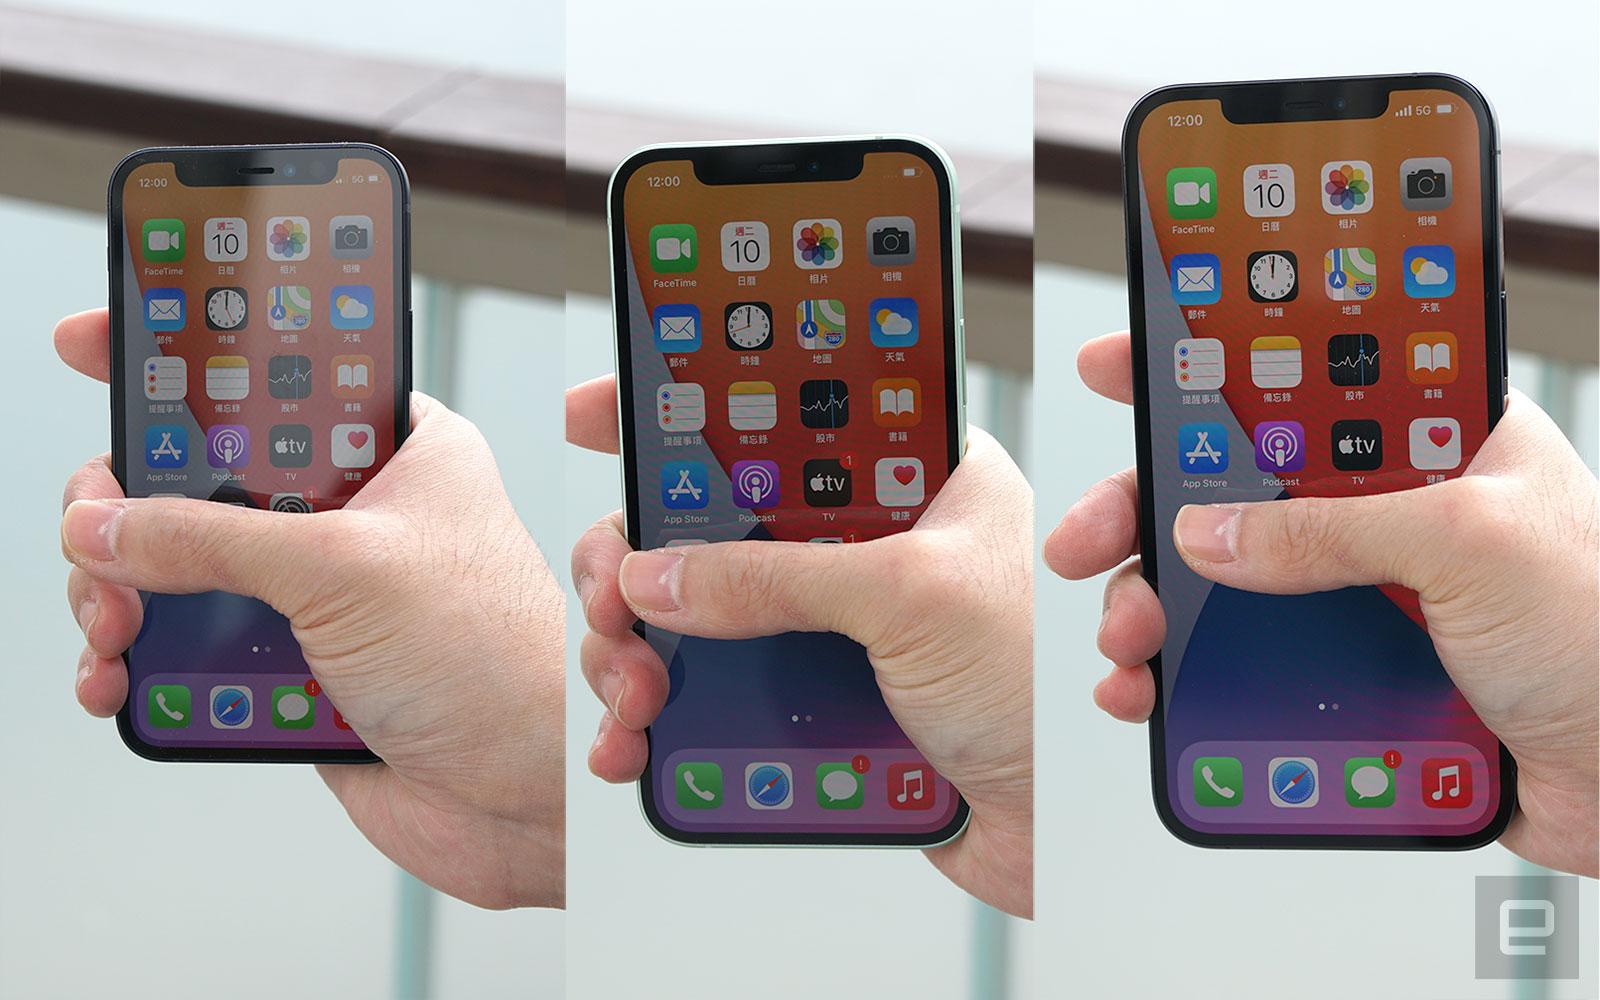 iPhone 12 Mini, iPhone 12, iPhone 12 Pro Max